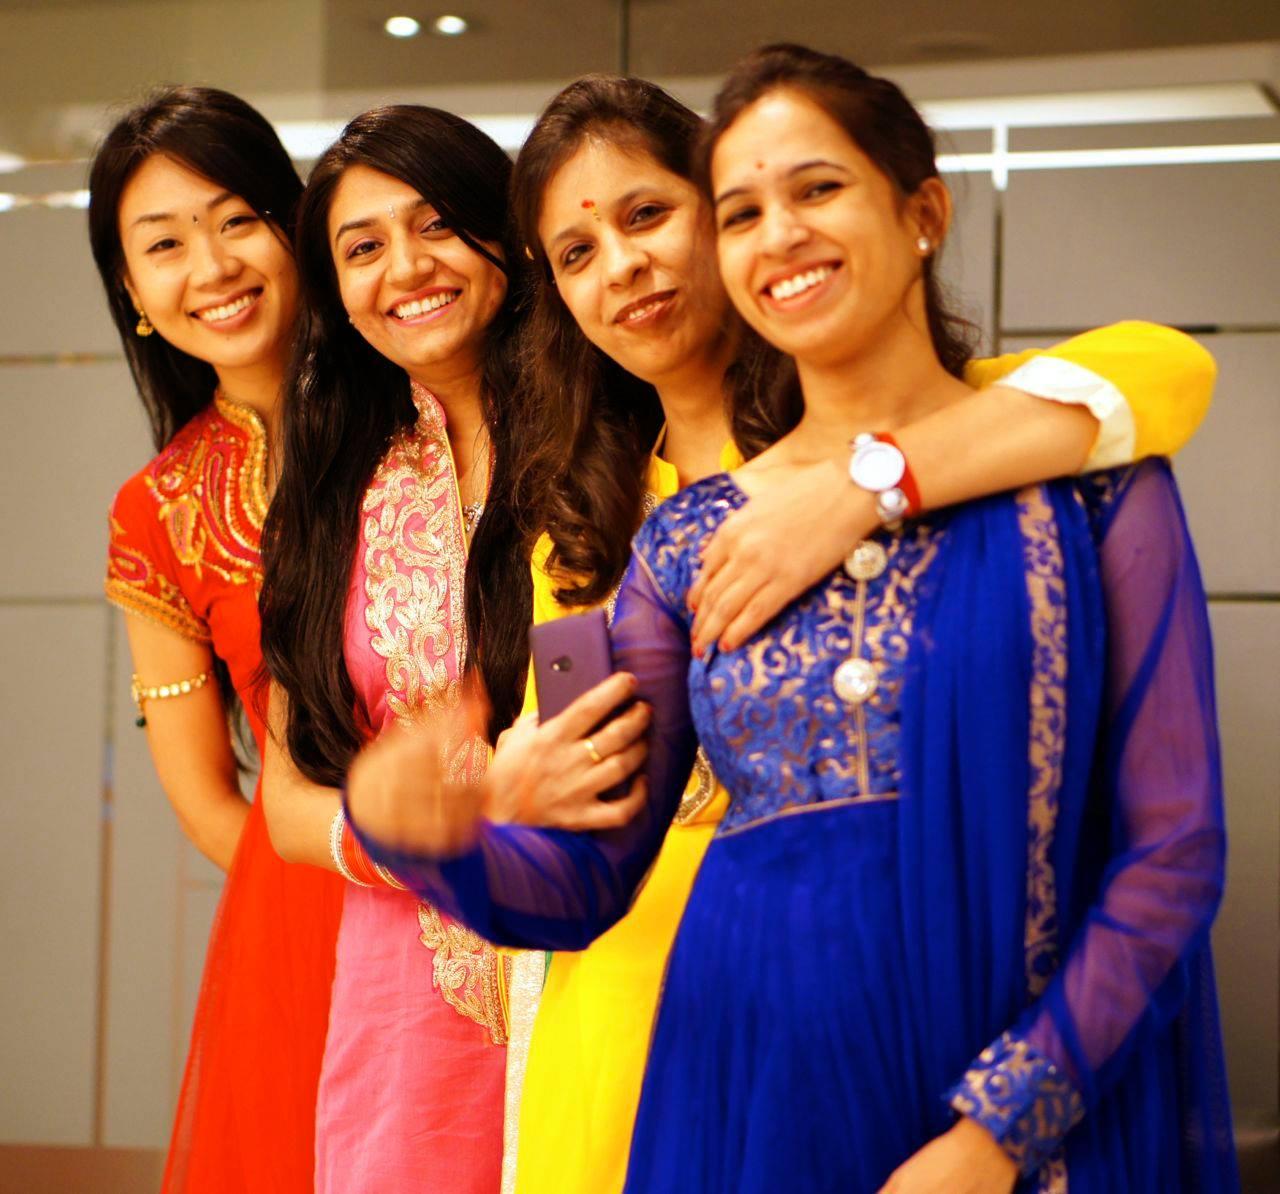 サリーを着ているあやさんとインド人女性たち